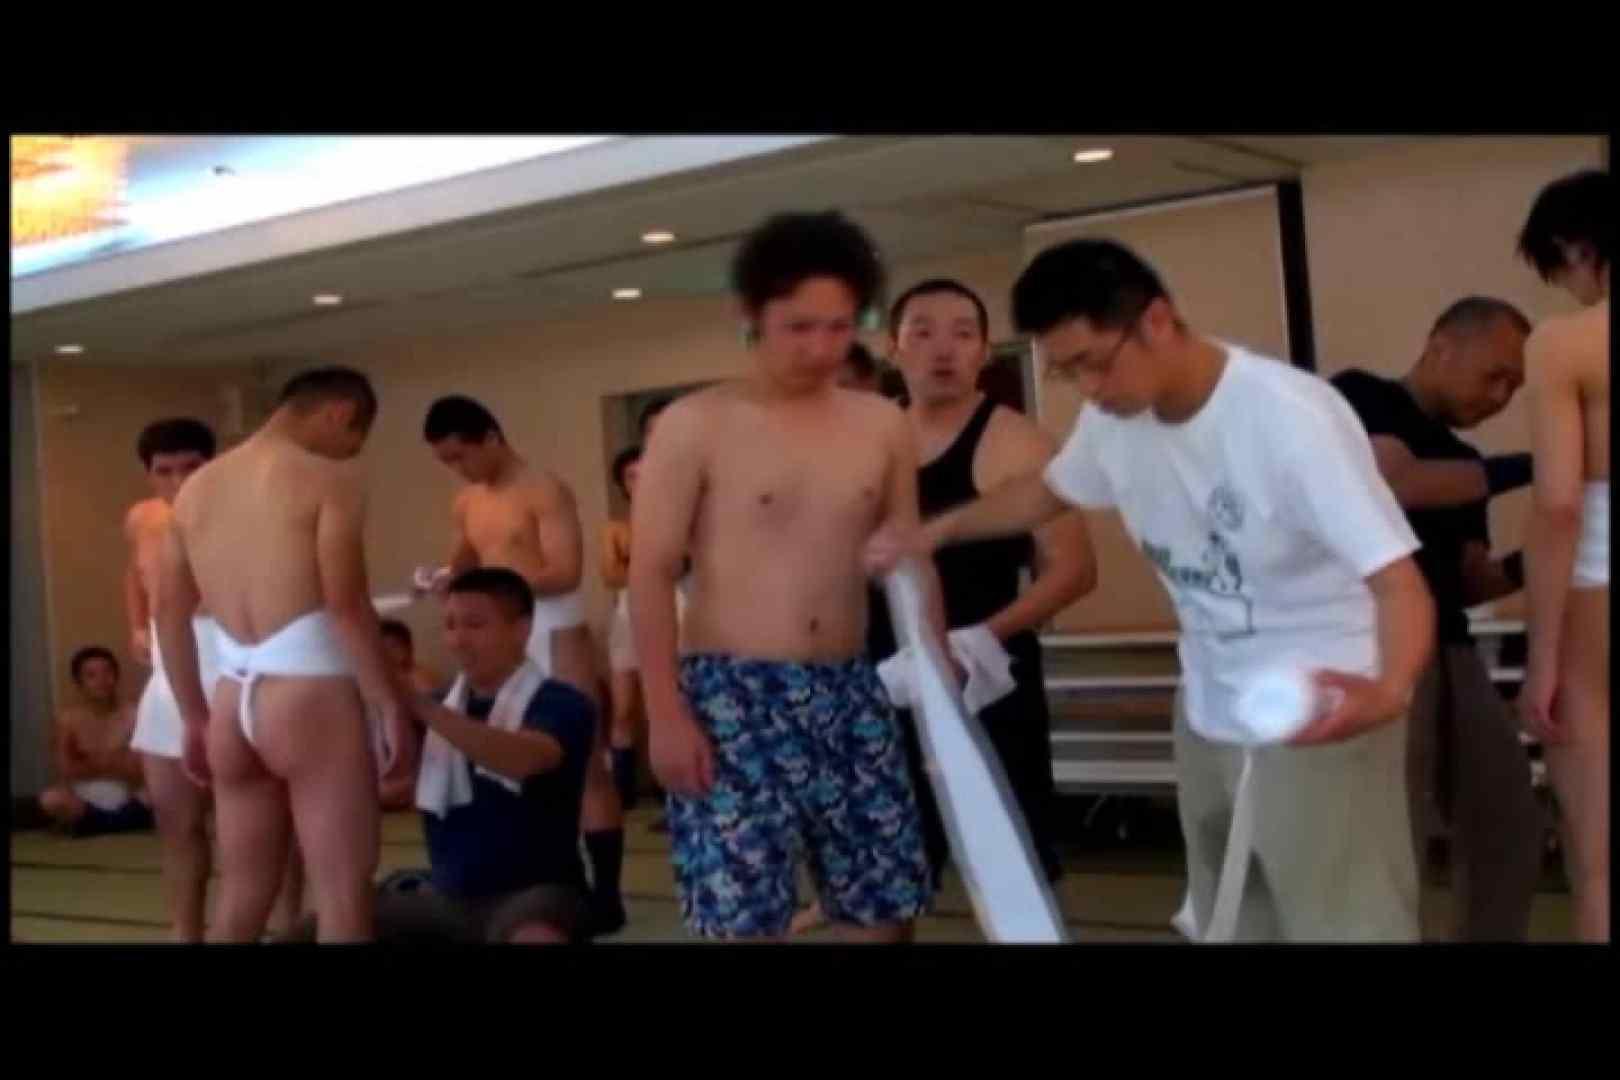 ゲイ 肉棒 動画|日本の誇り!VOL.03 薩○のぼっ○もん2009年度バージョン!|覗き